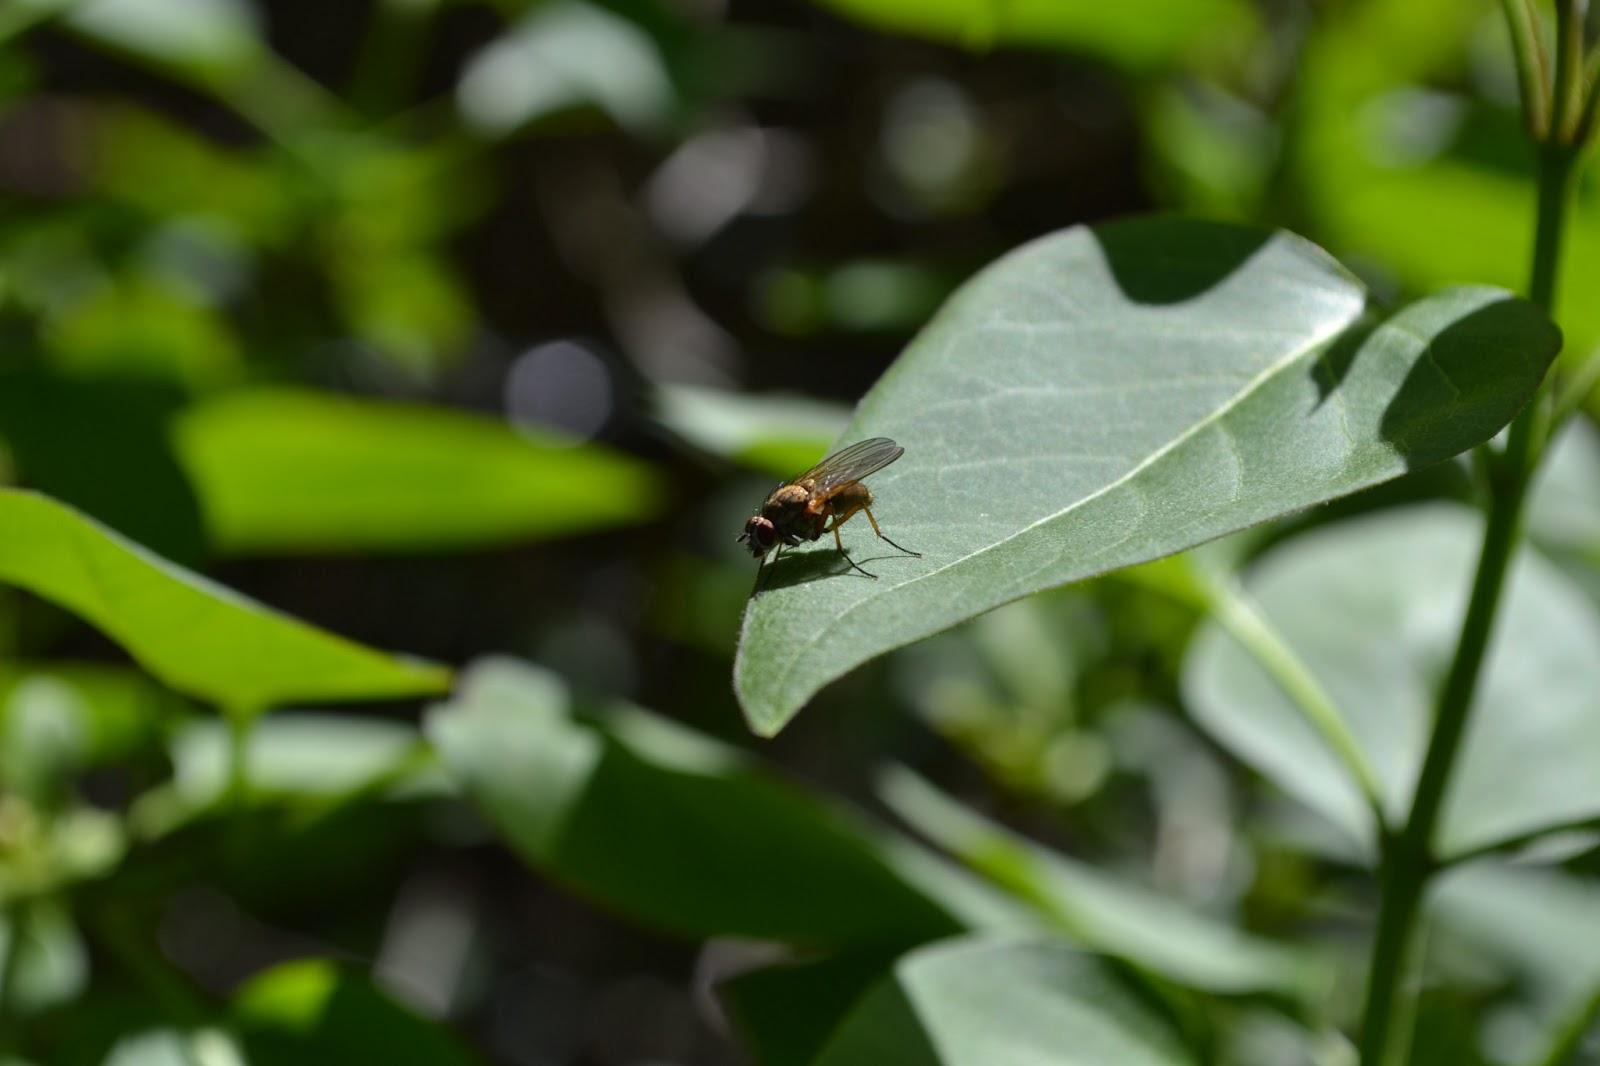 schnauzen bautzers welt pflanzen und insekten im fr hling neue bilder. Black Bedroom Furniture Sets. Home Design Ideas